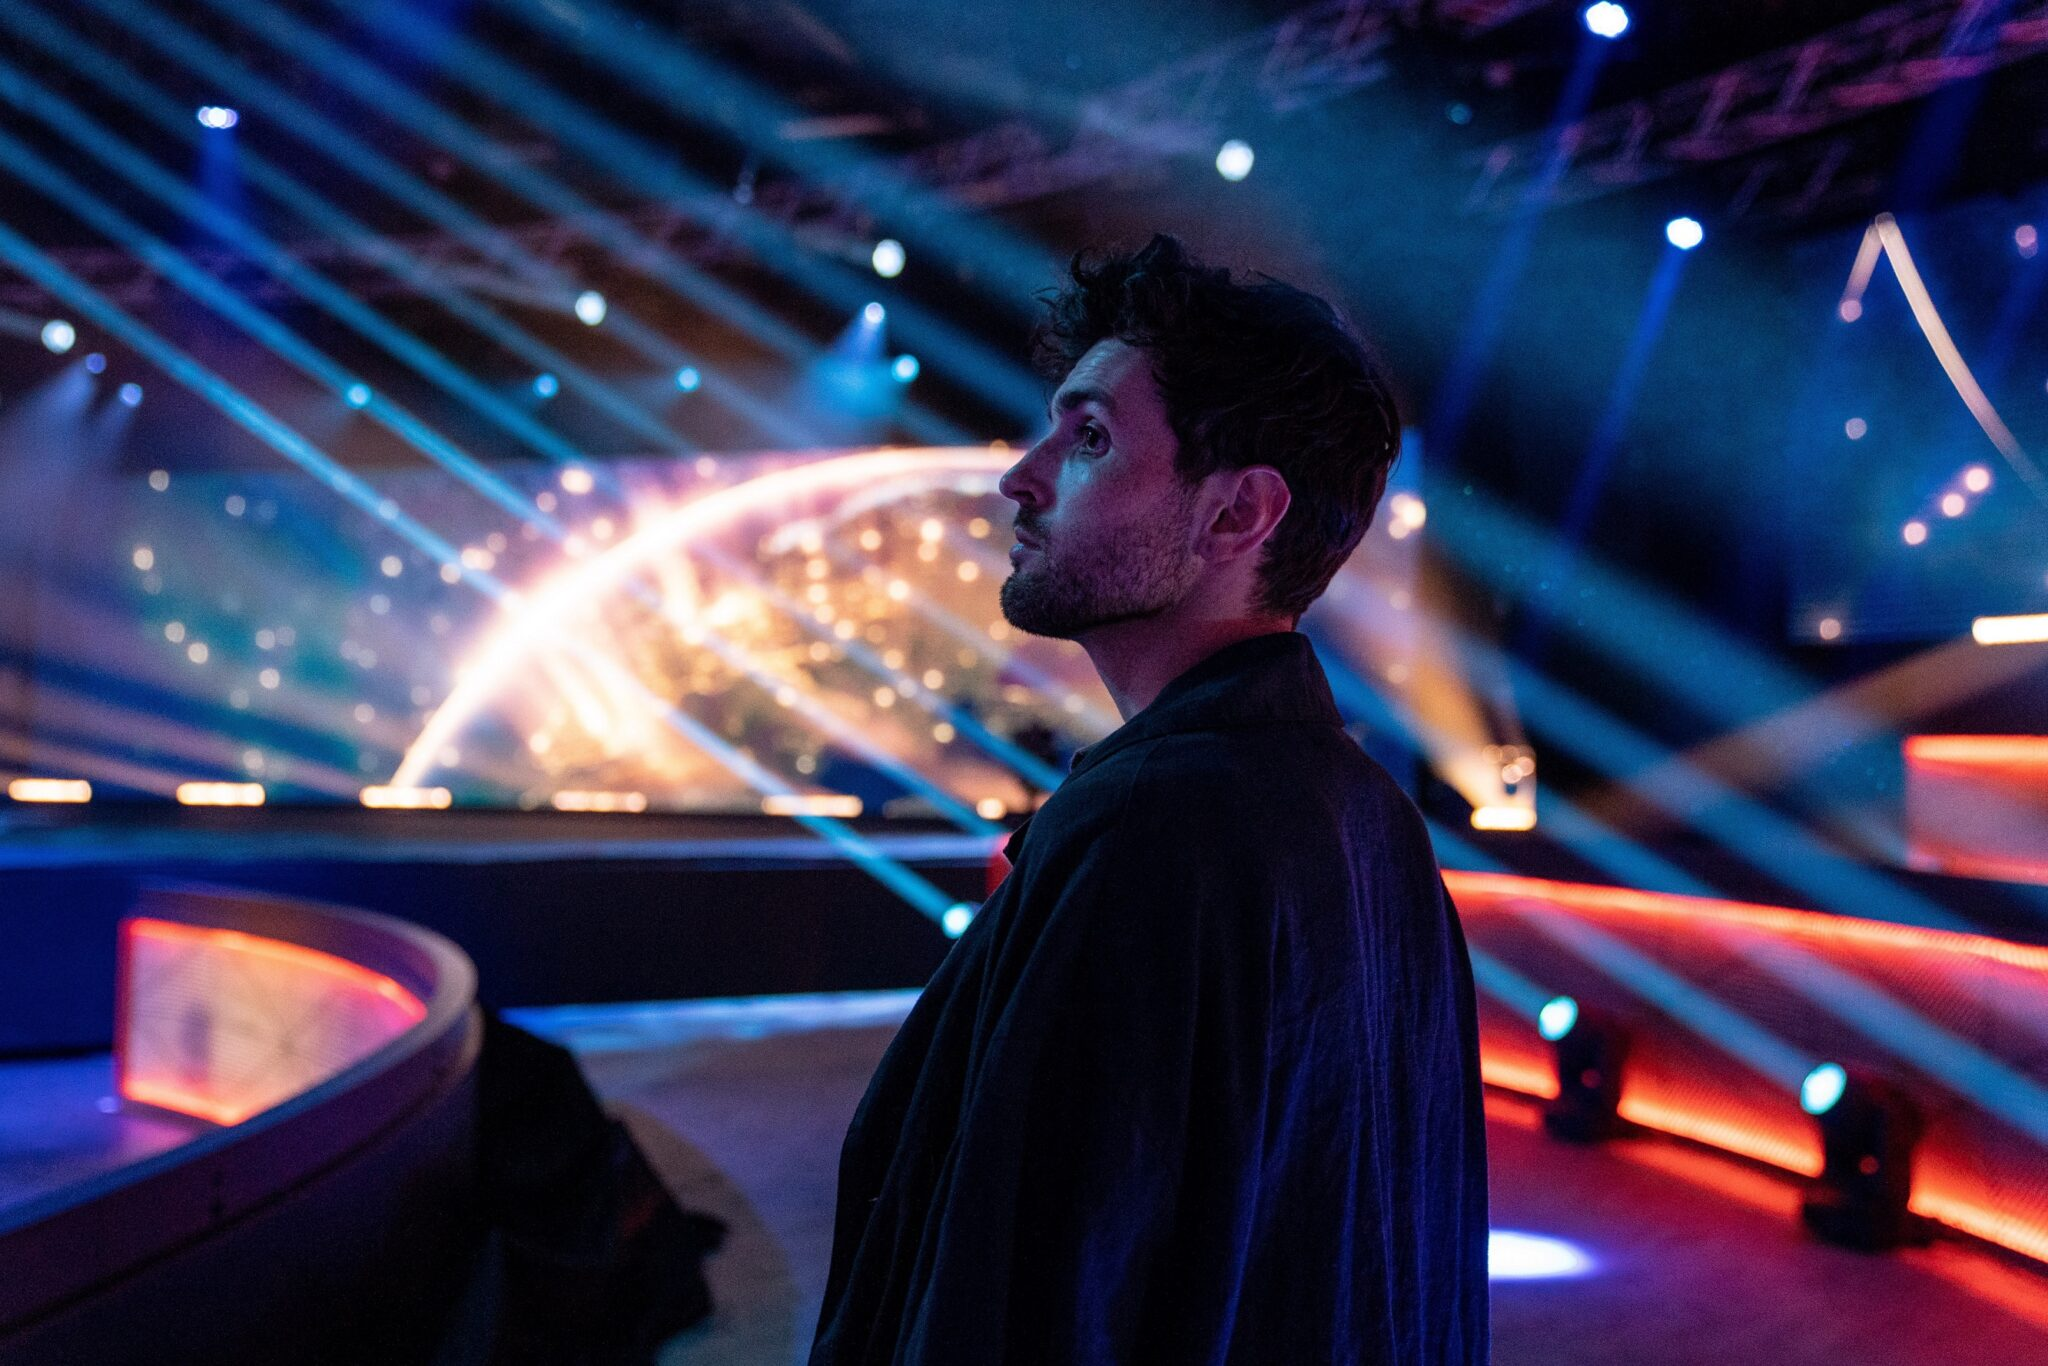 eurovisie songfestival 2021 rottedam duncan